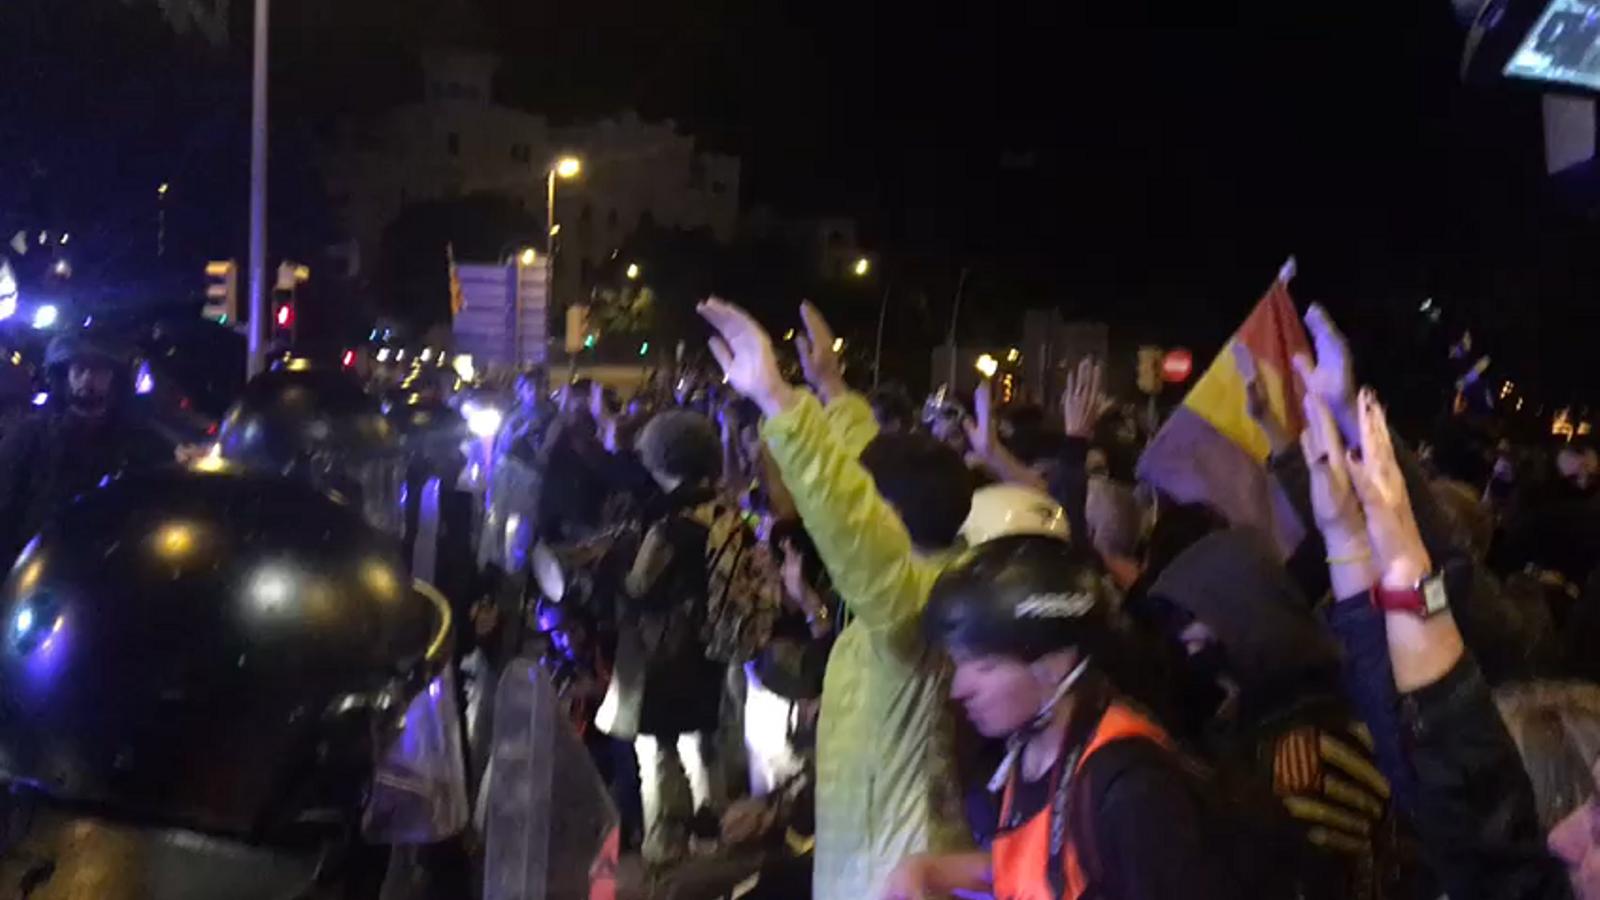 Un grup de manifestants es posen davant del cordó policial amb les mans alçades